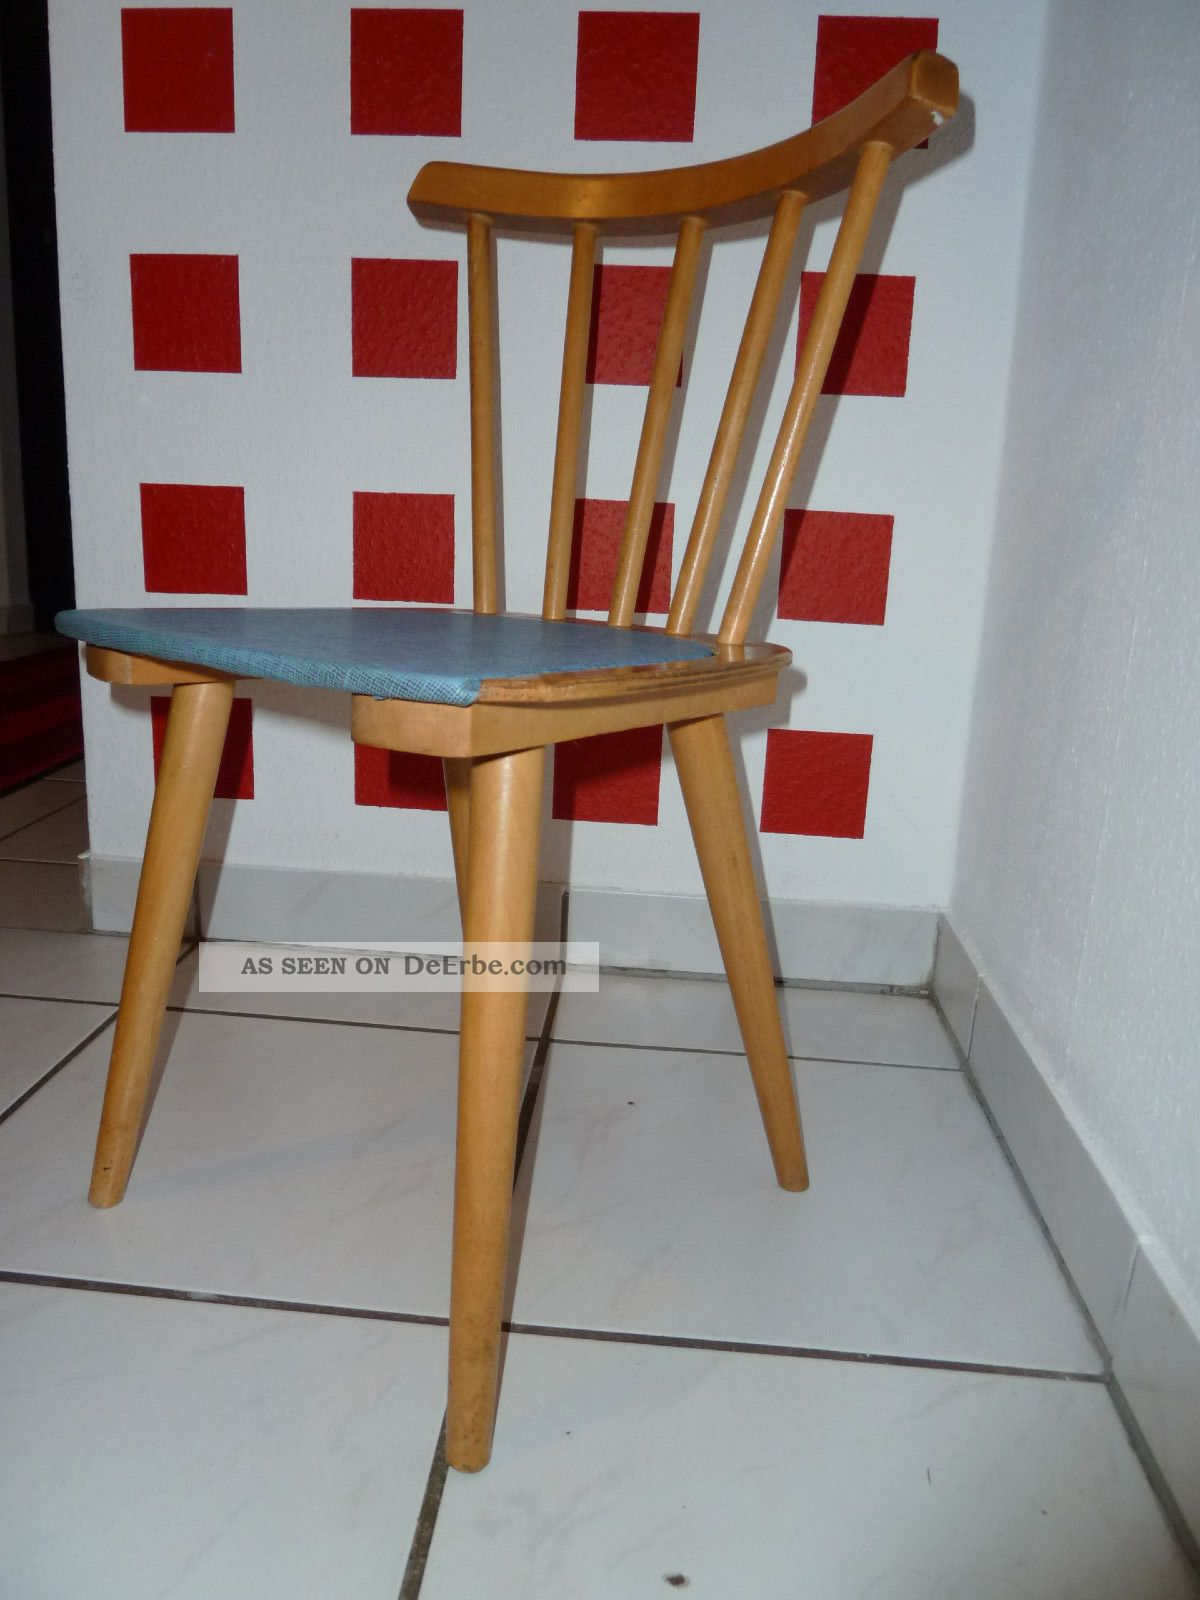 Kinder Kinderstuhl Küchenstuhl Sprossenstuhl 50er 60er Jahre Rockabilly 1950-1959 Bild